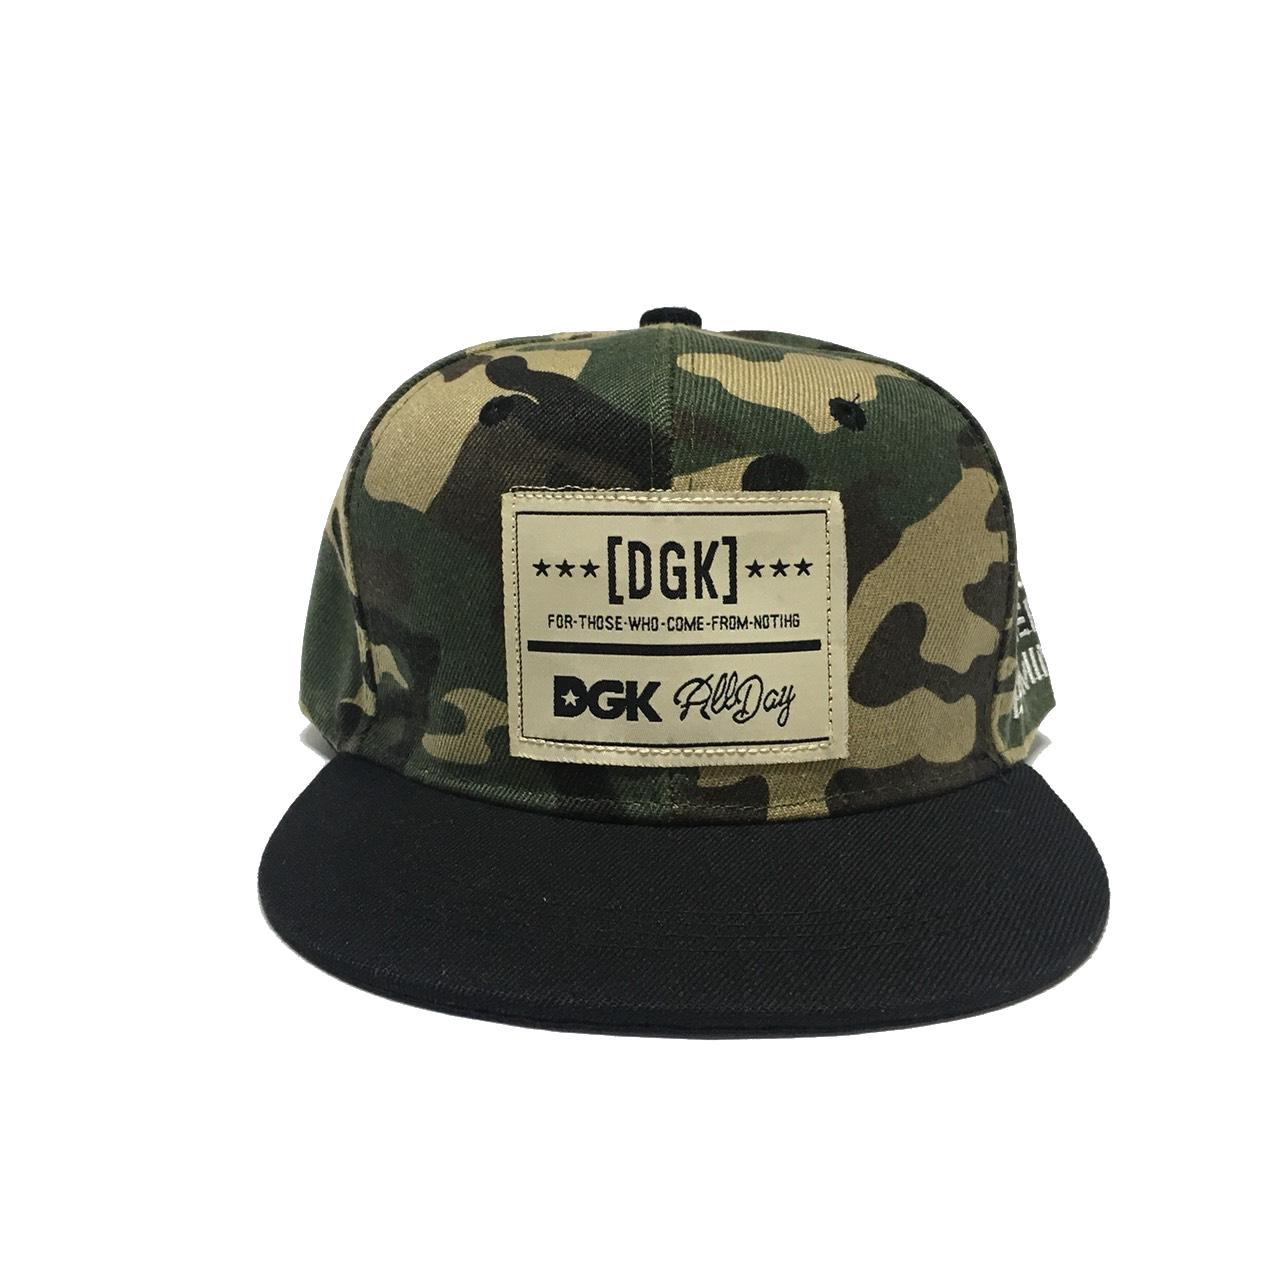 หมวกทรงฮิปฮอป สำหรับเด็ก ปัก DGK ขนาดศีรษะ 47-54 ซม สามารถปรับขนาดได้ เหมาะสำหรับน้อง ๆ วัย 2-8 ขวบ